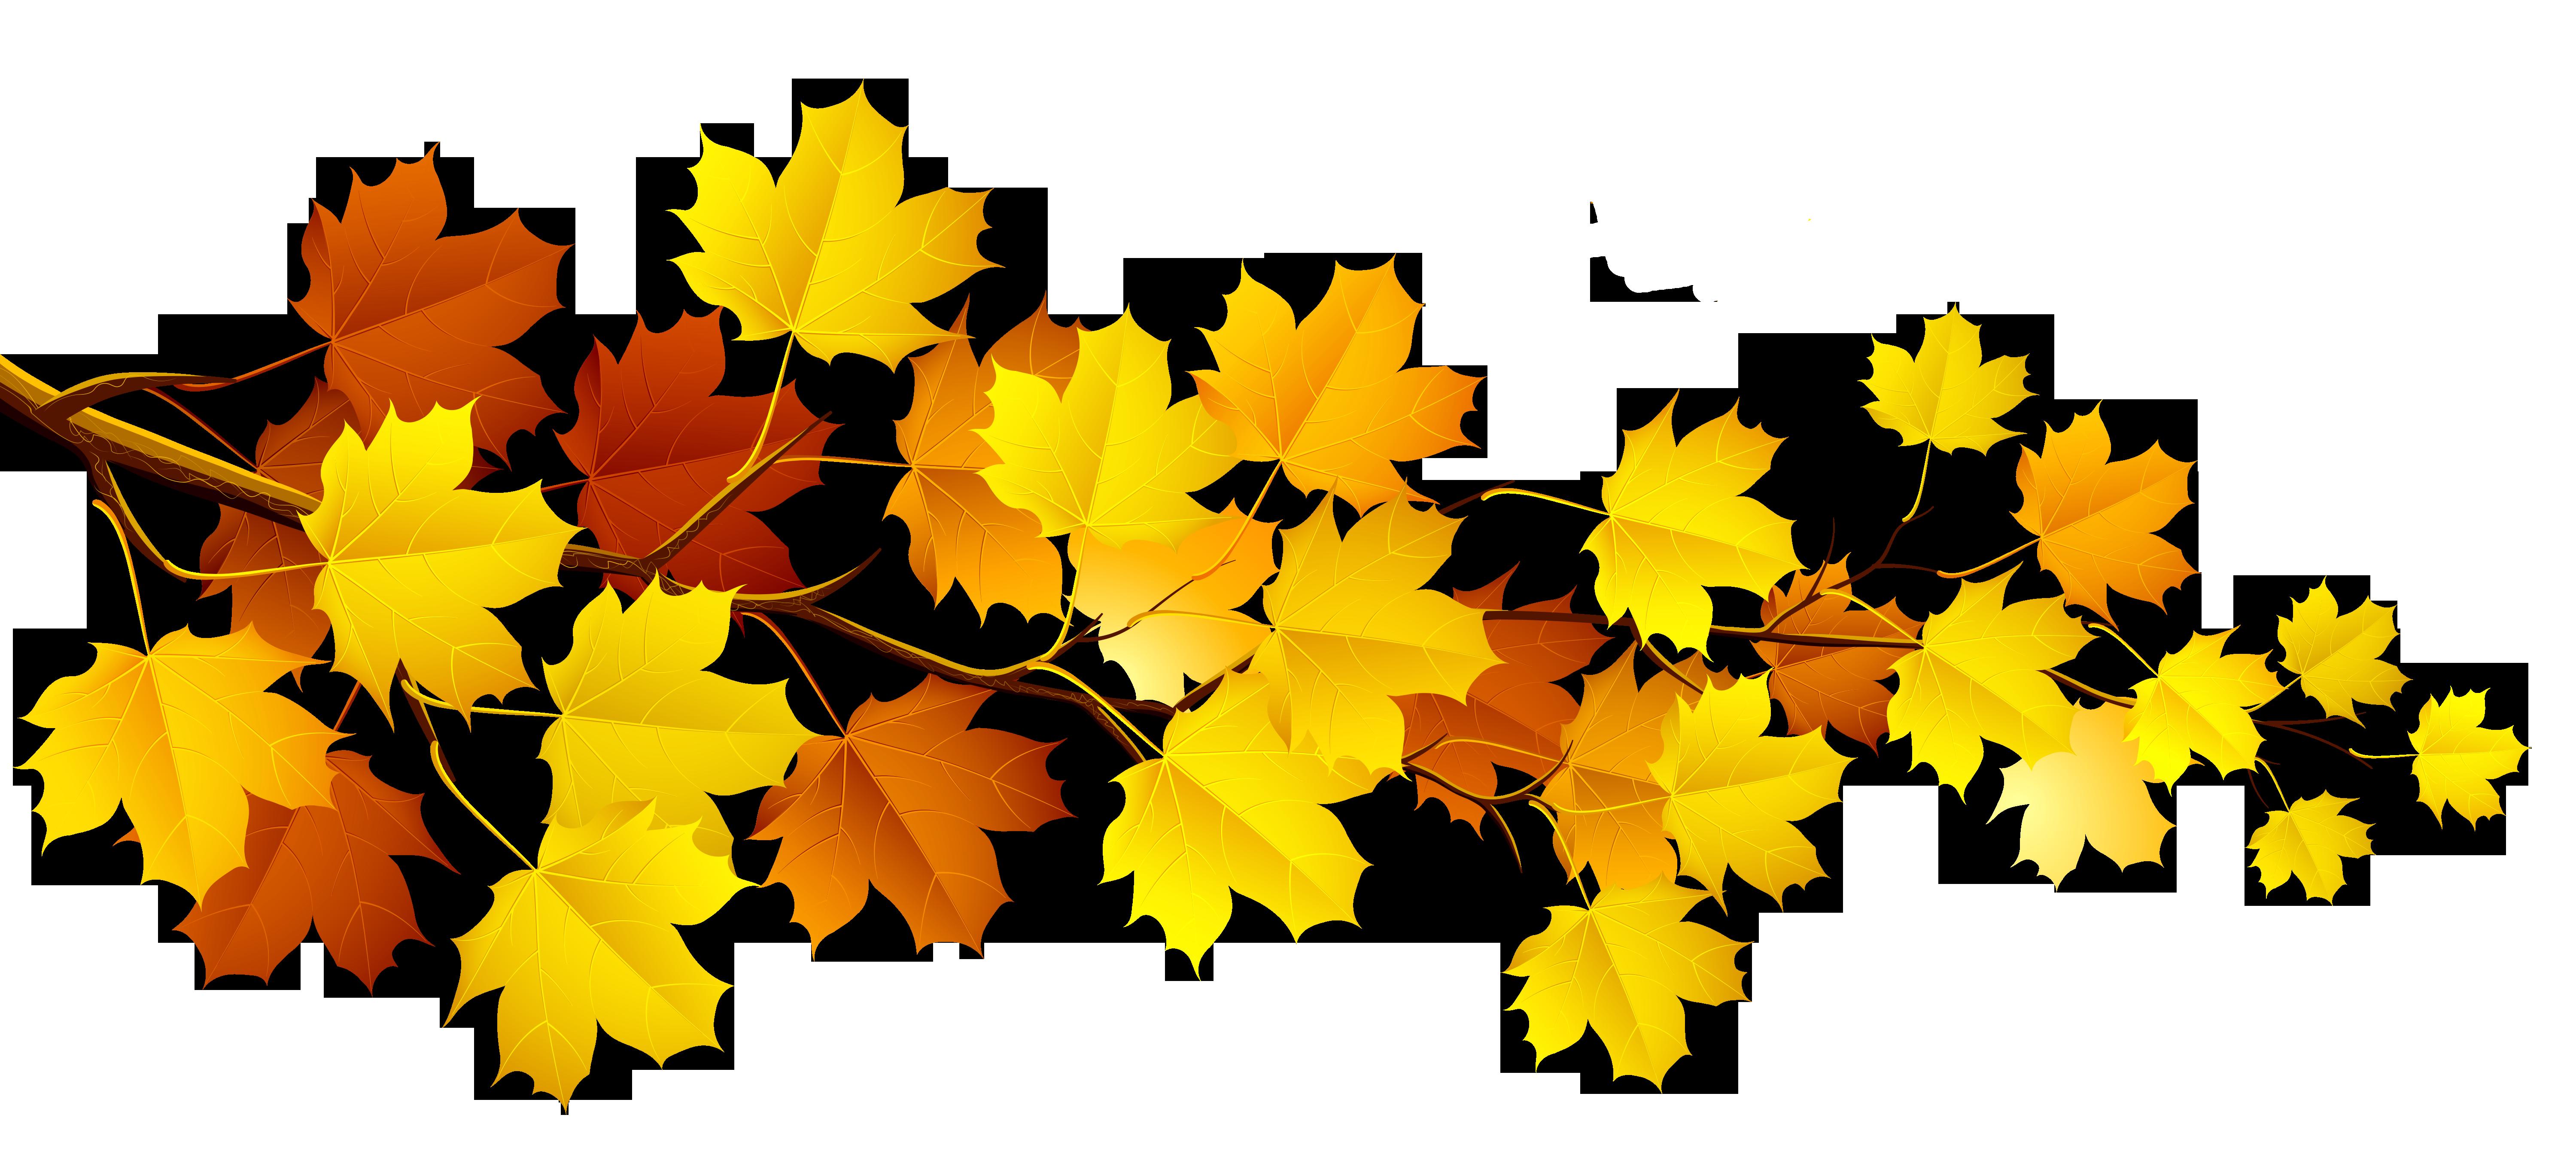 Fall Leaves Fall Clip Art Autumn Clip Ar-Fall leaves fall clip art autumn clip art leaves clip art clipart 4-13